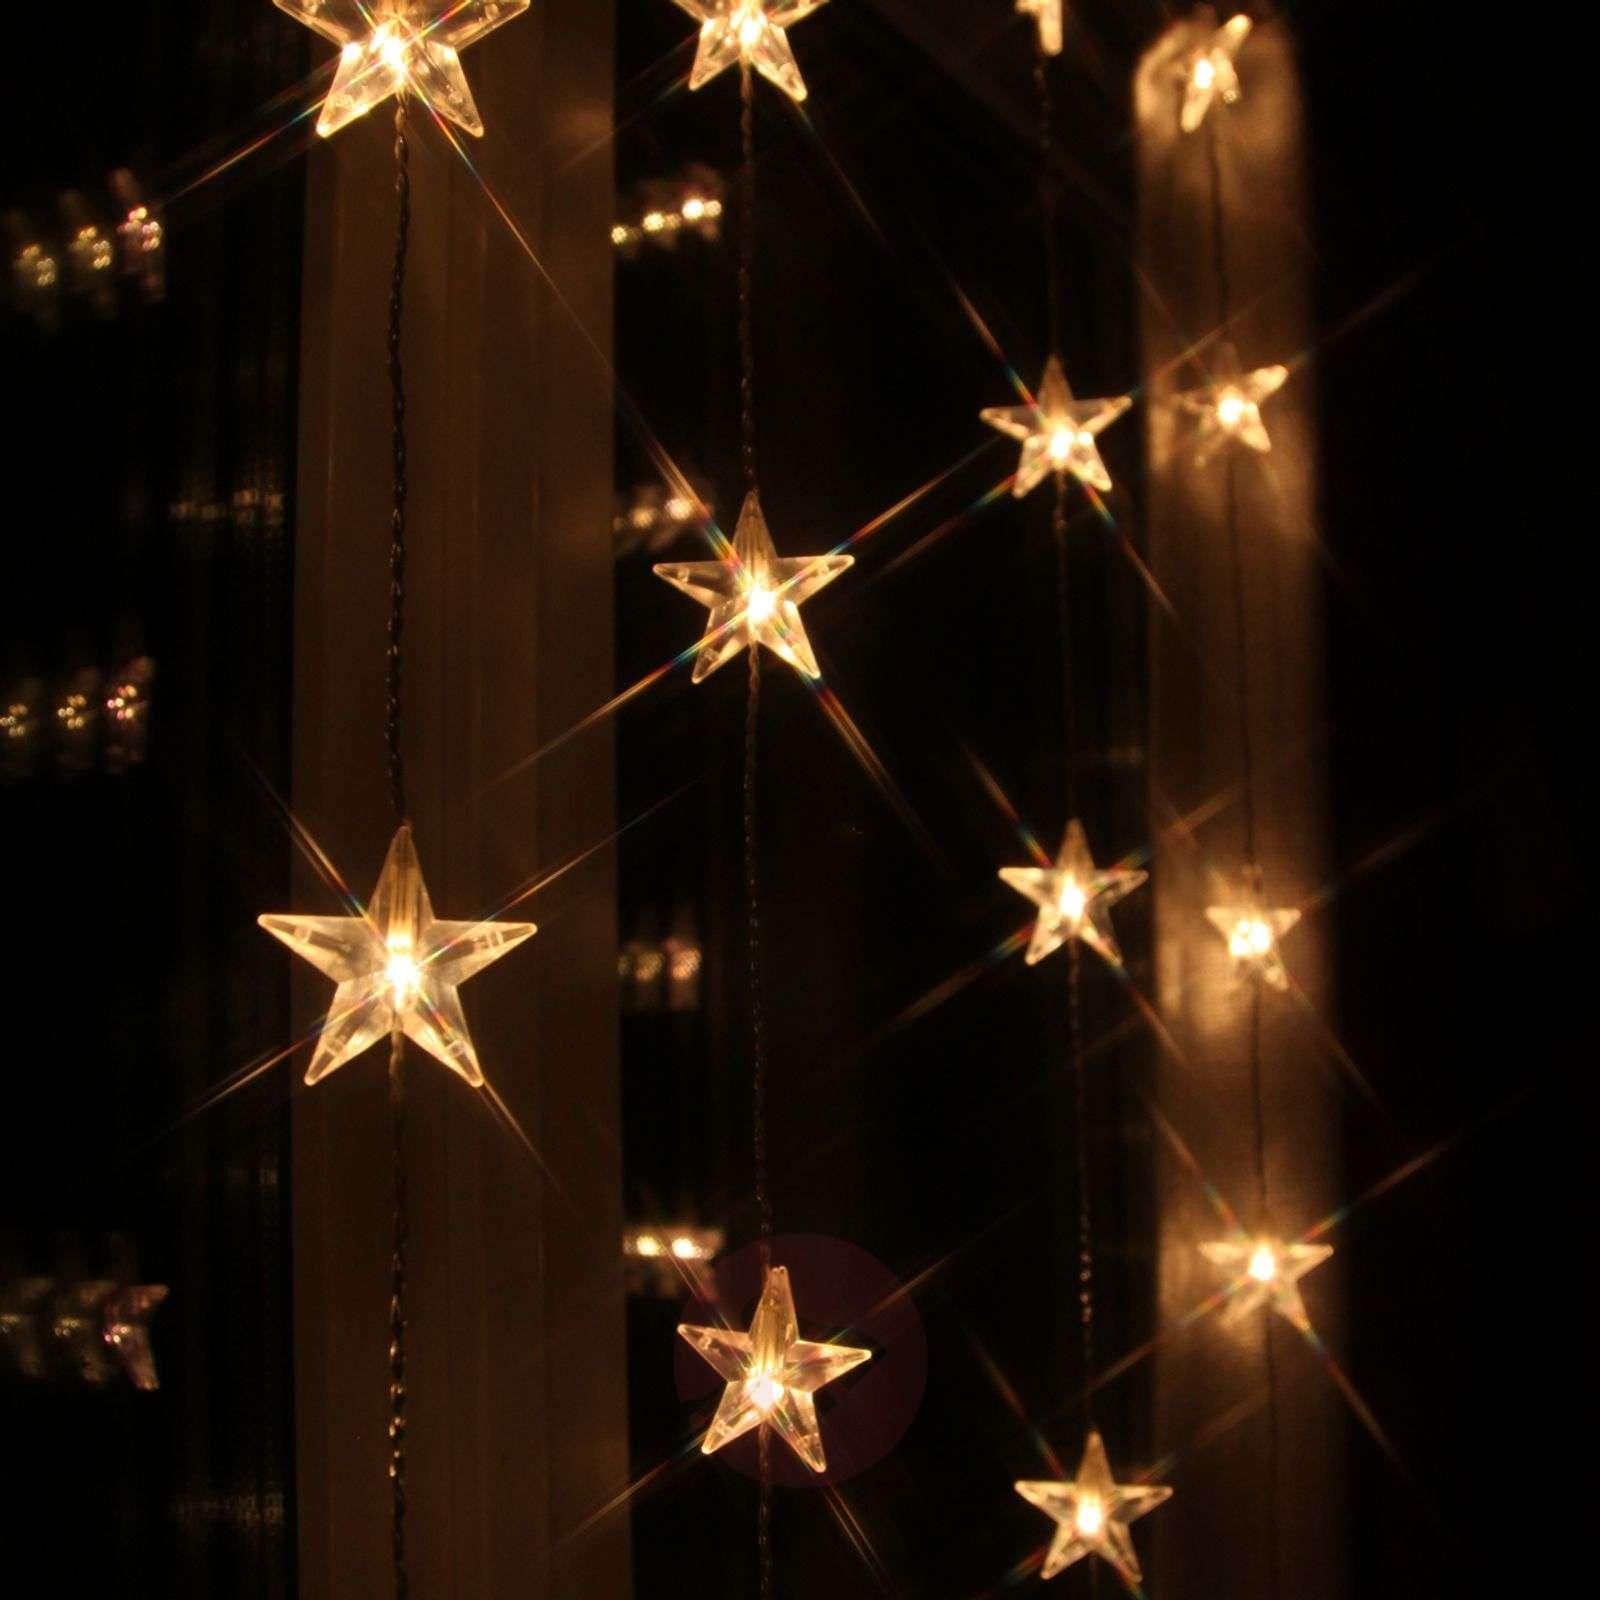 200 Cm High LED Curtain Light Star 50 Bulb 1522838 01